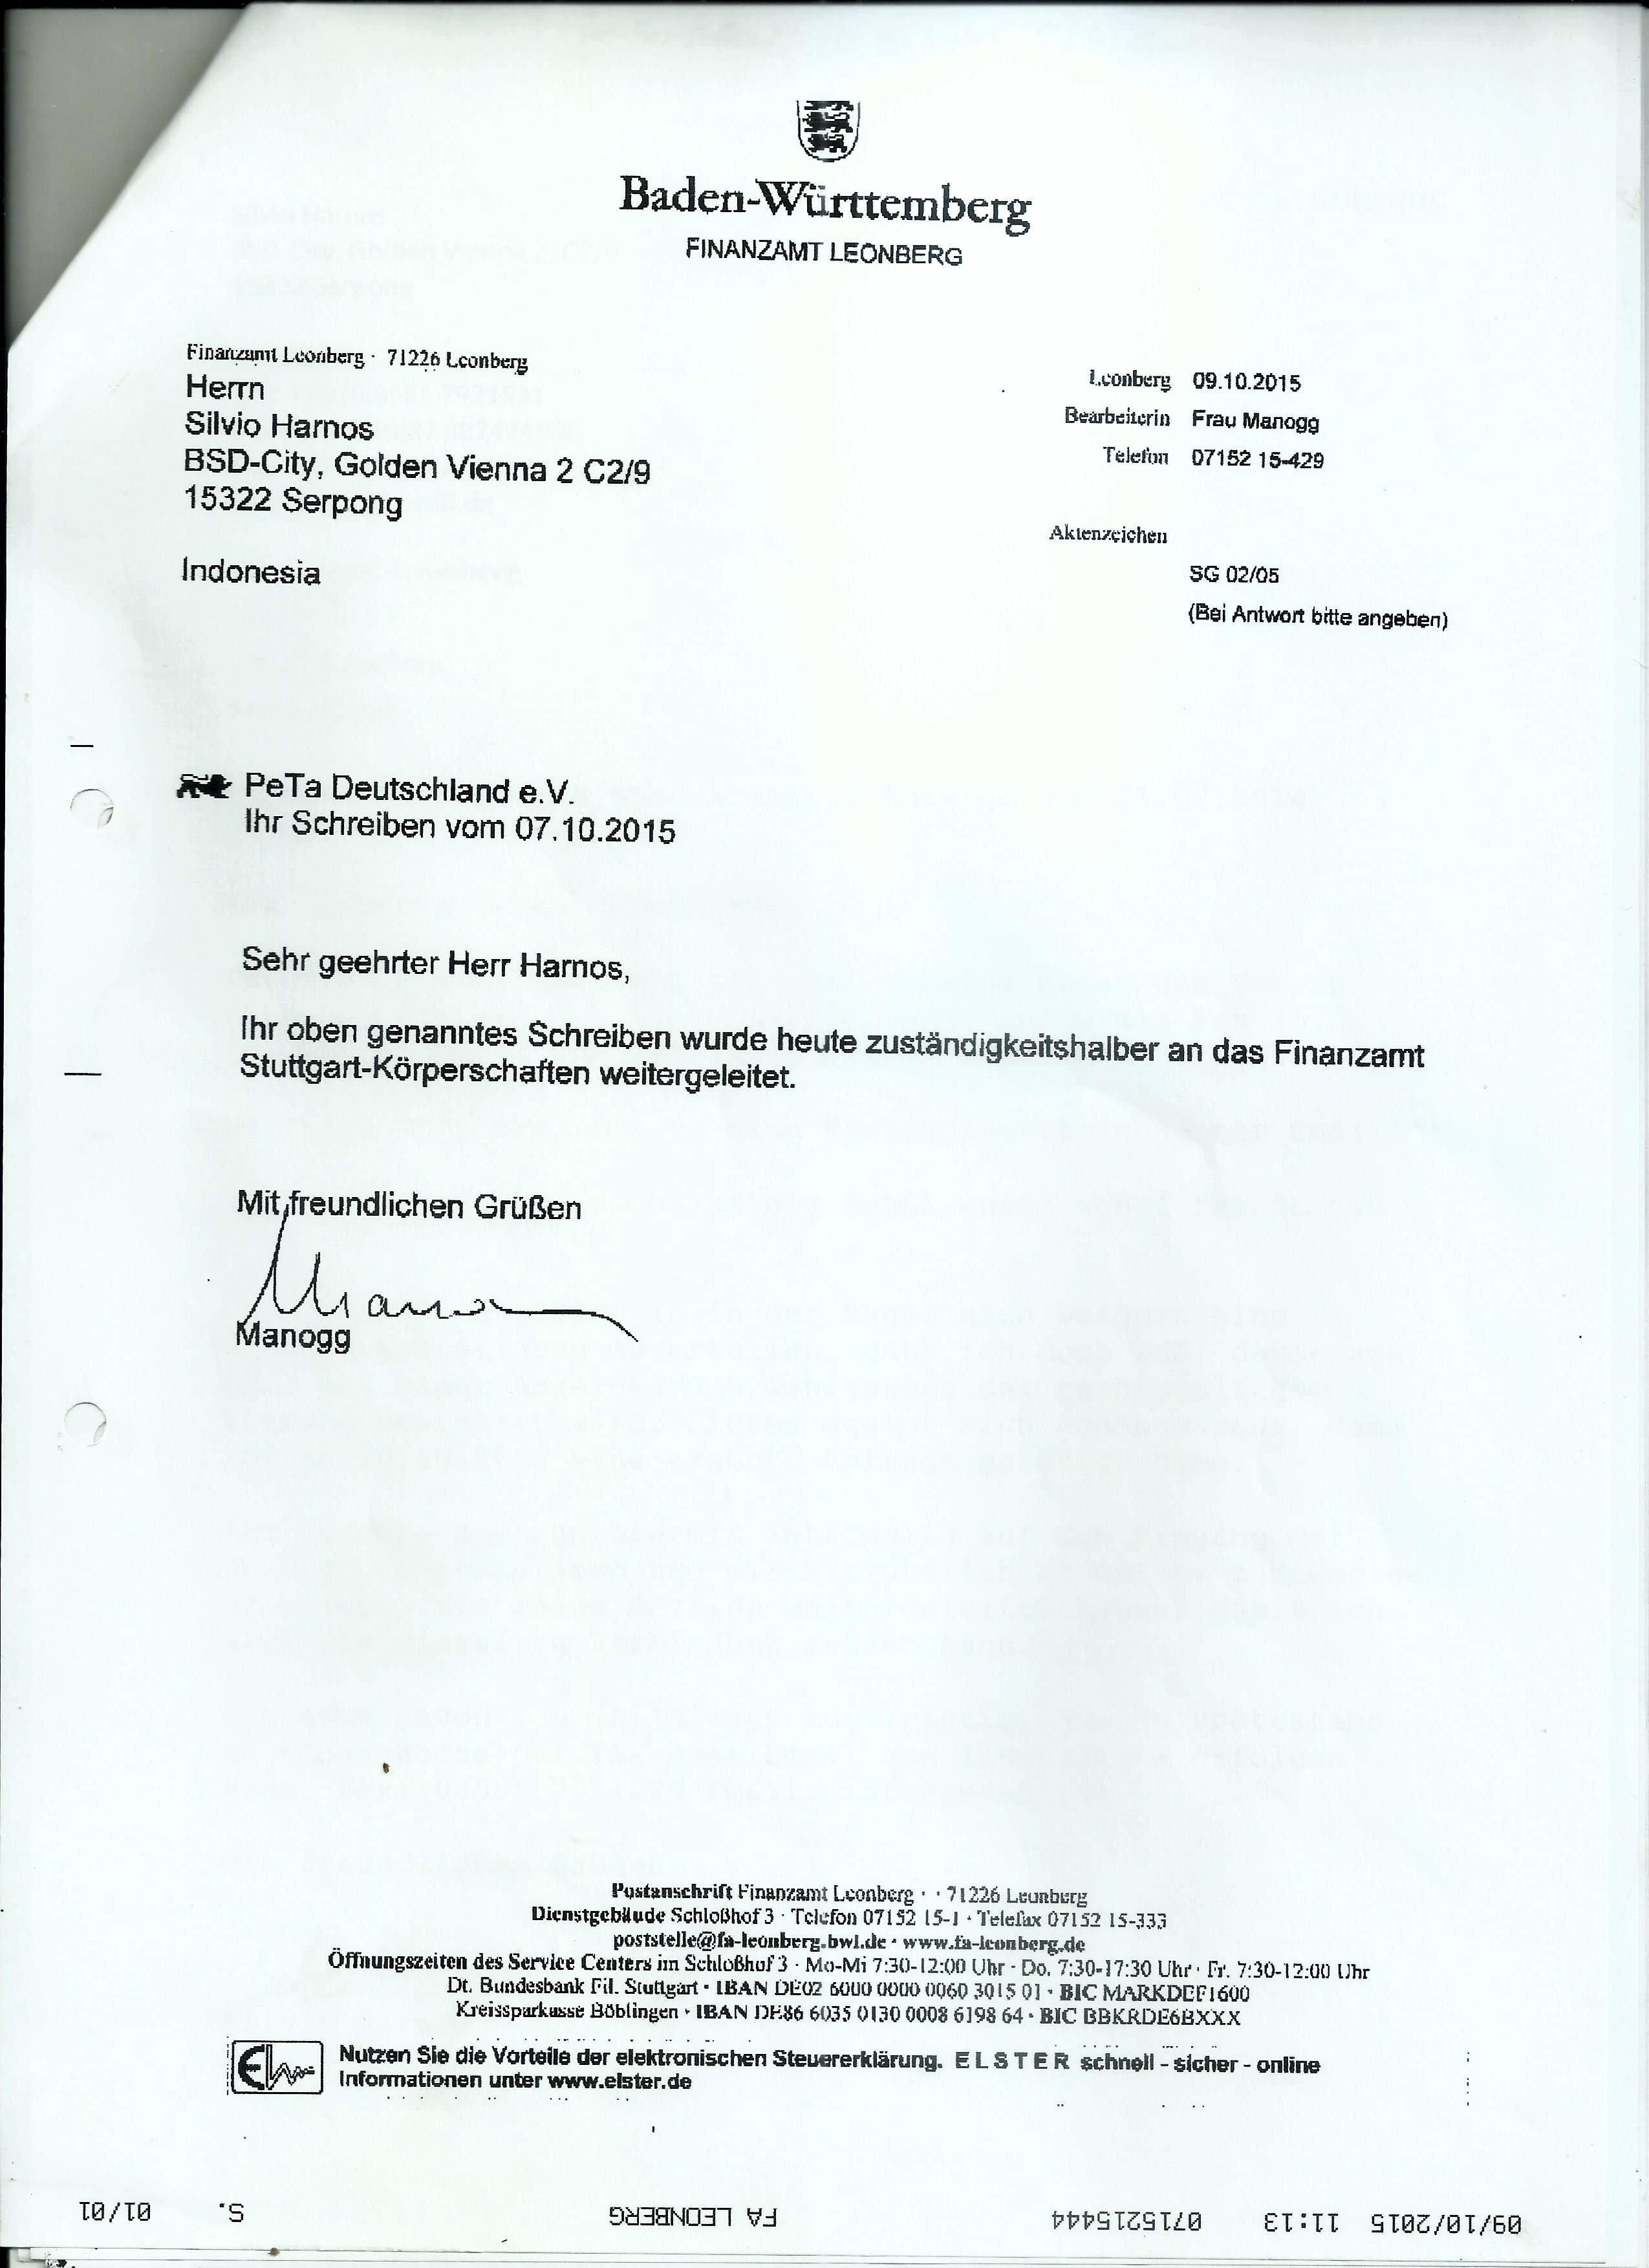 Antwortschreiben des Finanzamtes Leonberg vom 09.10.2015